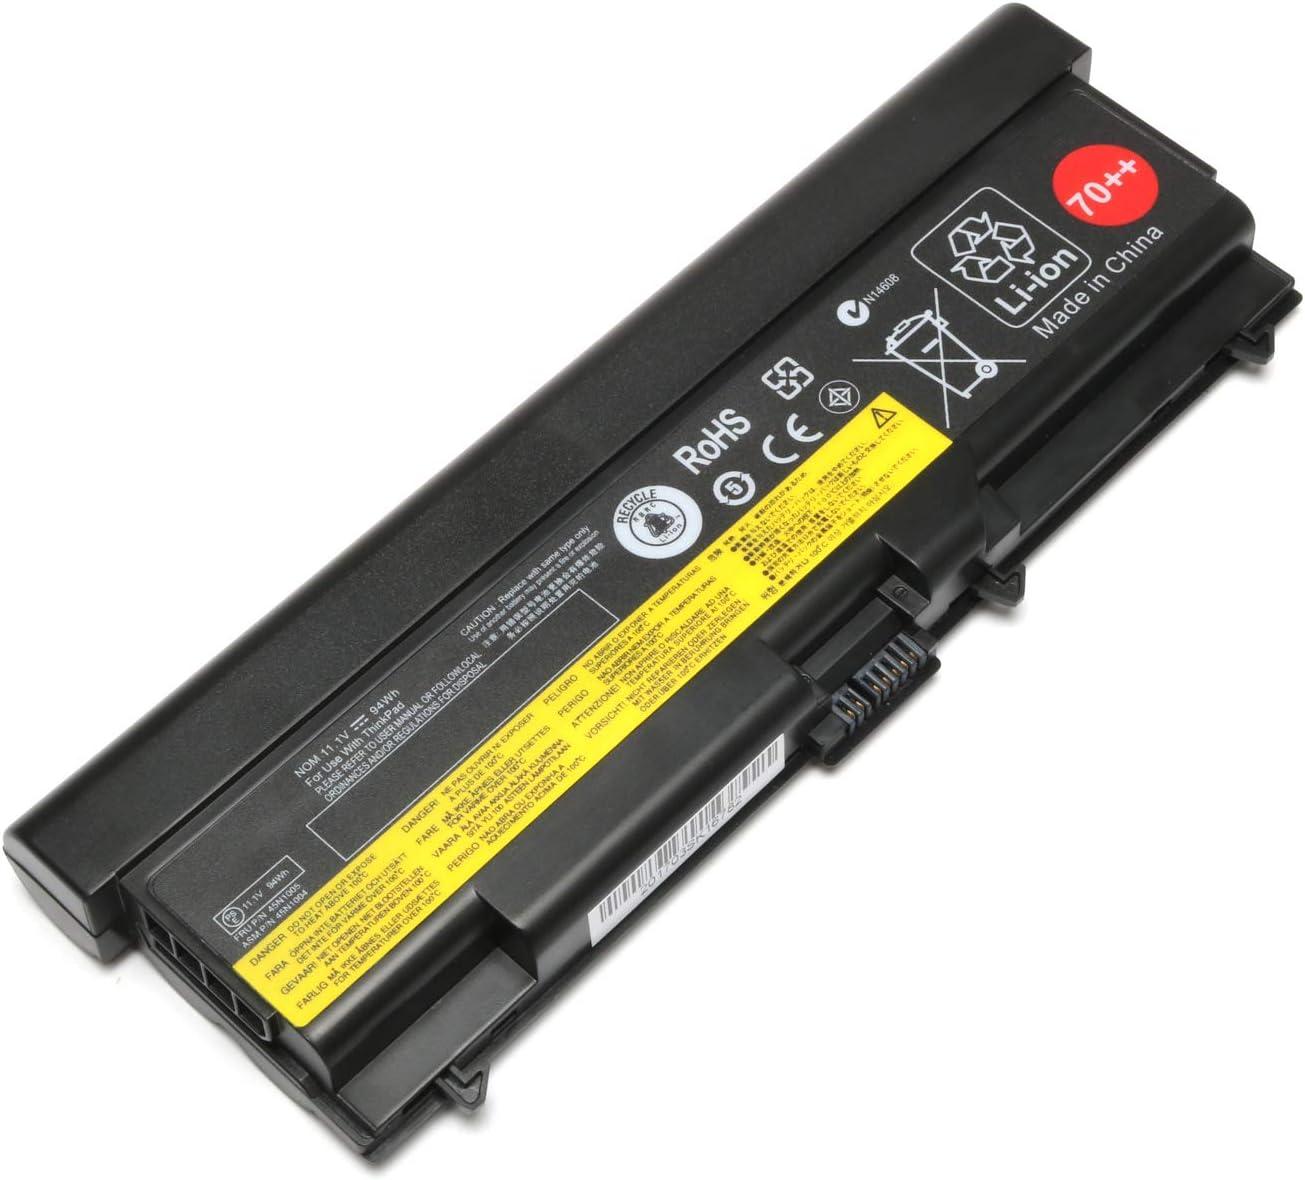 70++ 0A36303 Laptop Battery for Lenovo Thinkpad T430 W530 T530 L430 L530 L412 L420 L430 L512 L520 L530 45N1011 45N1010 Replacement for 45N1005 45N1007 45N1011